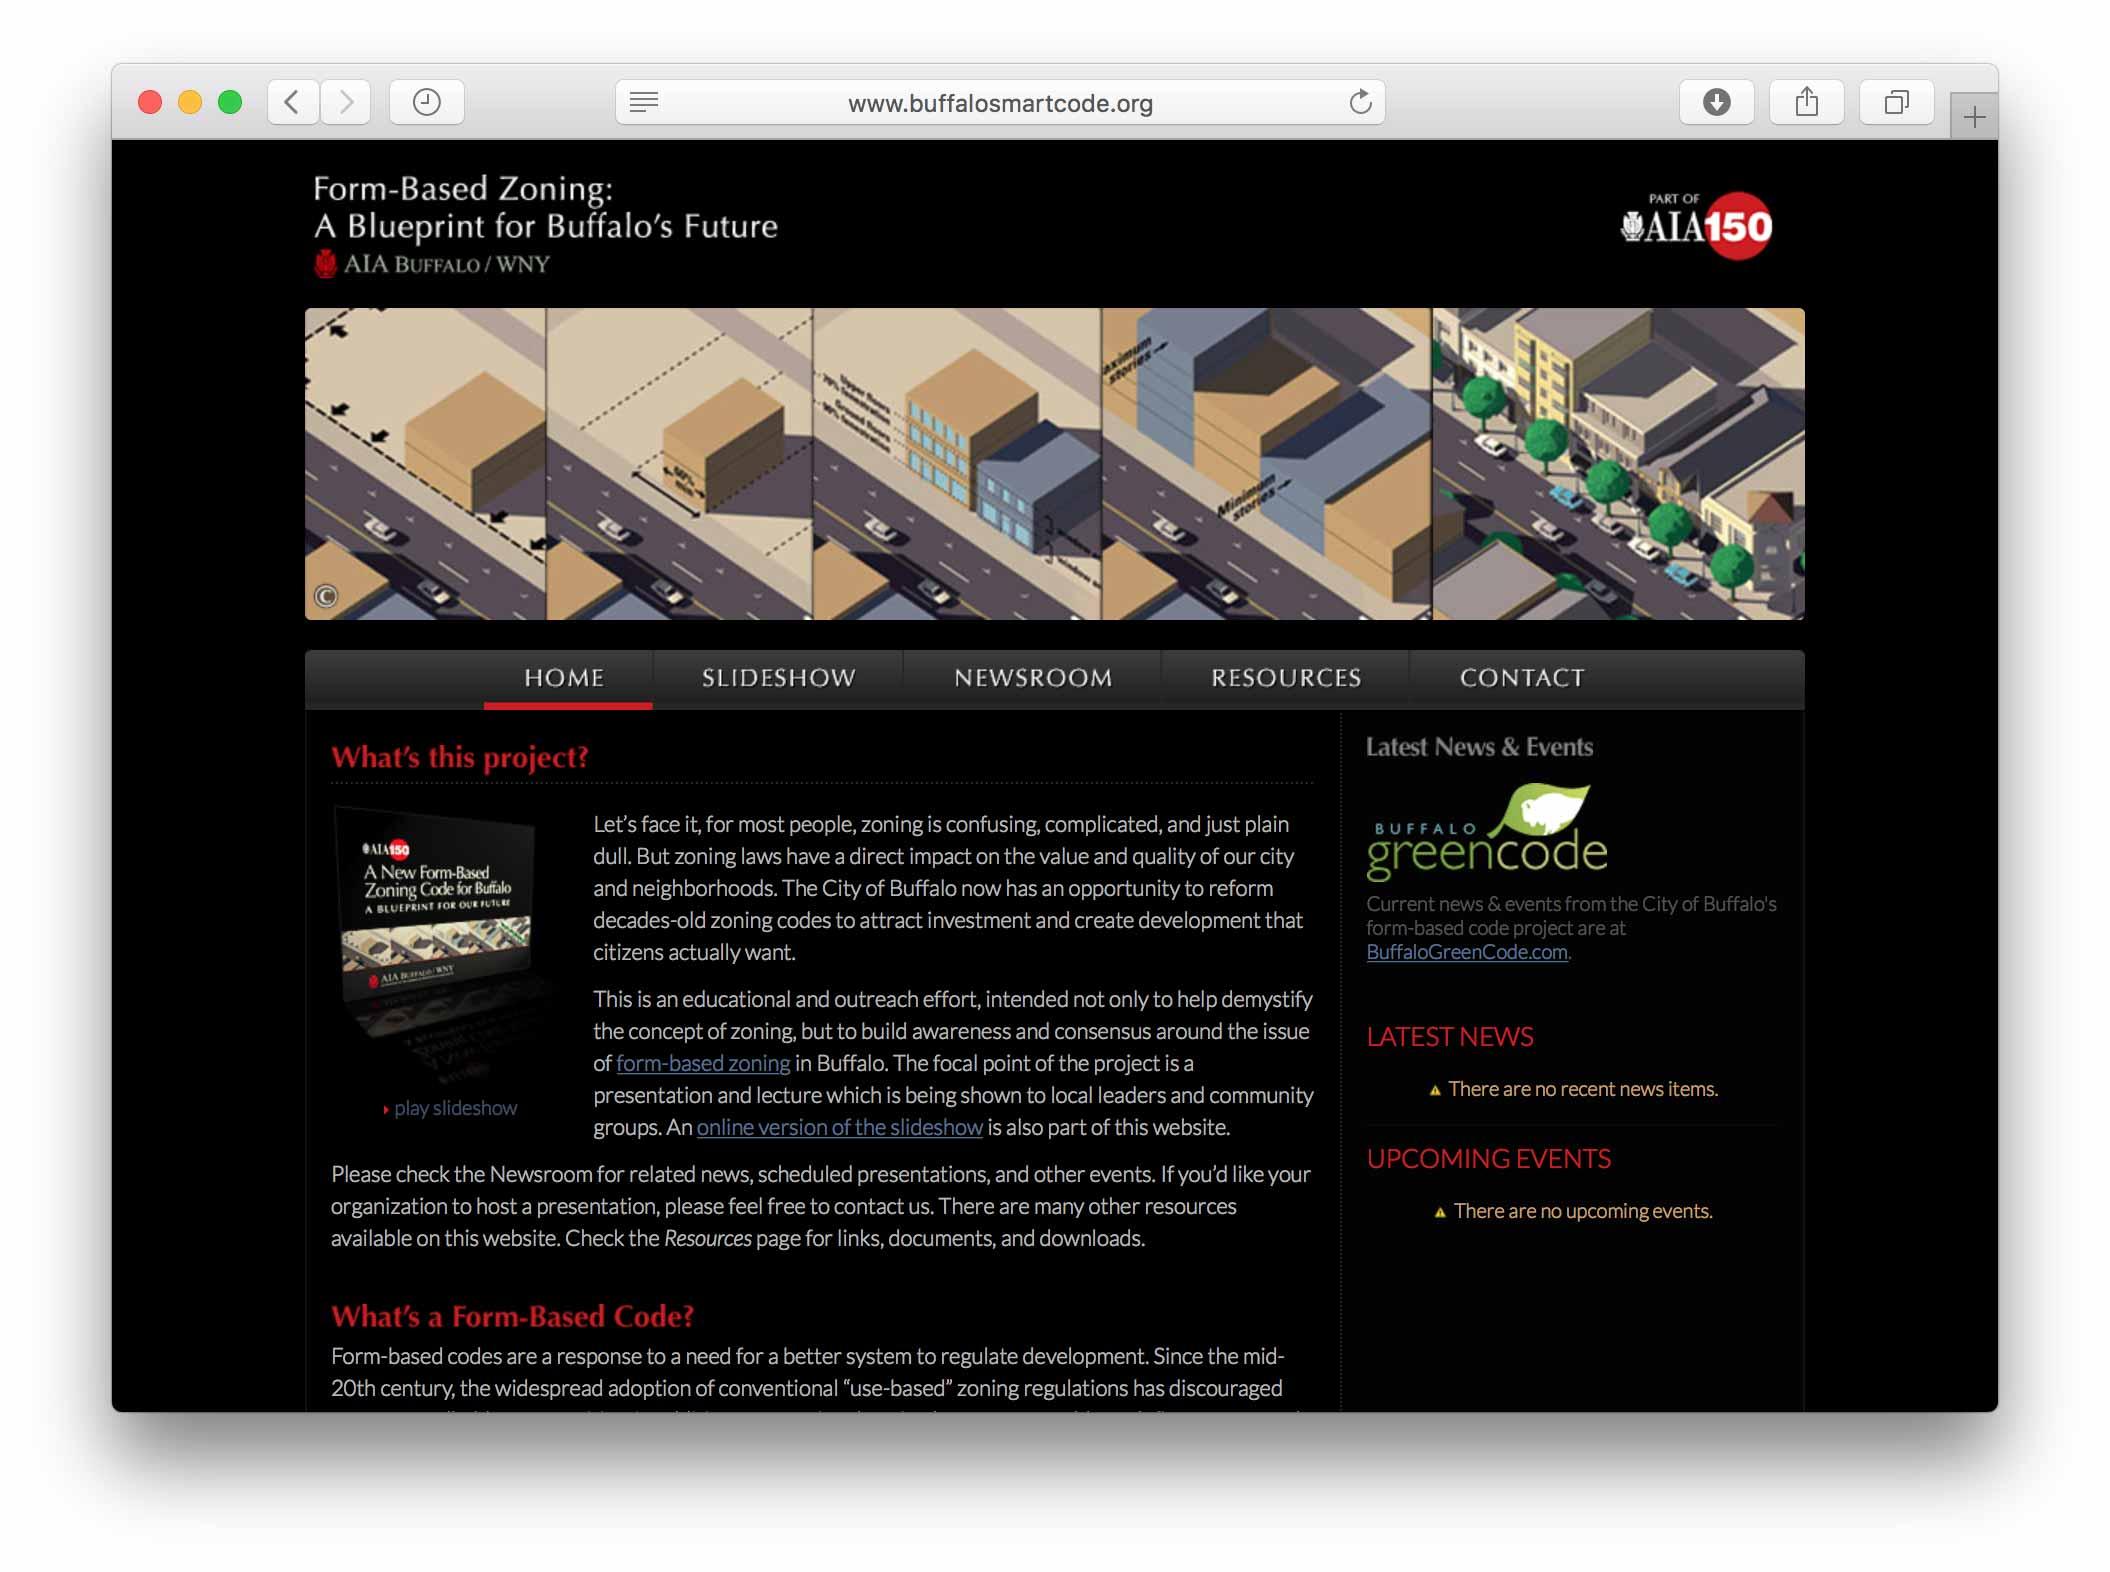 Buffalo SmartCode: Education & Outreach | Chuck Banas Design: Urban